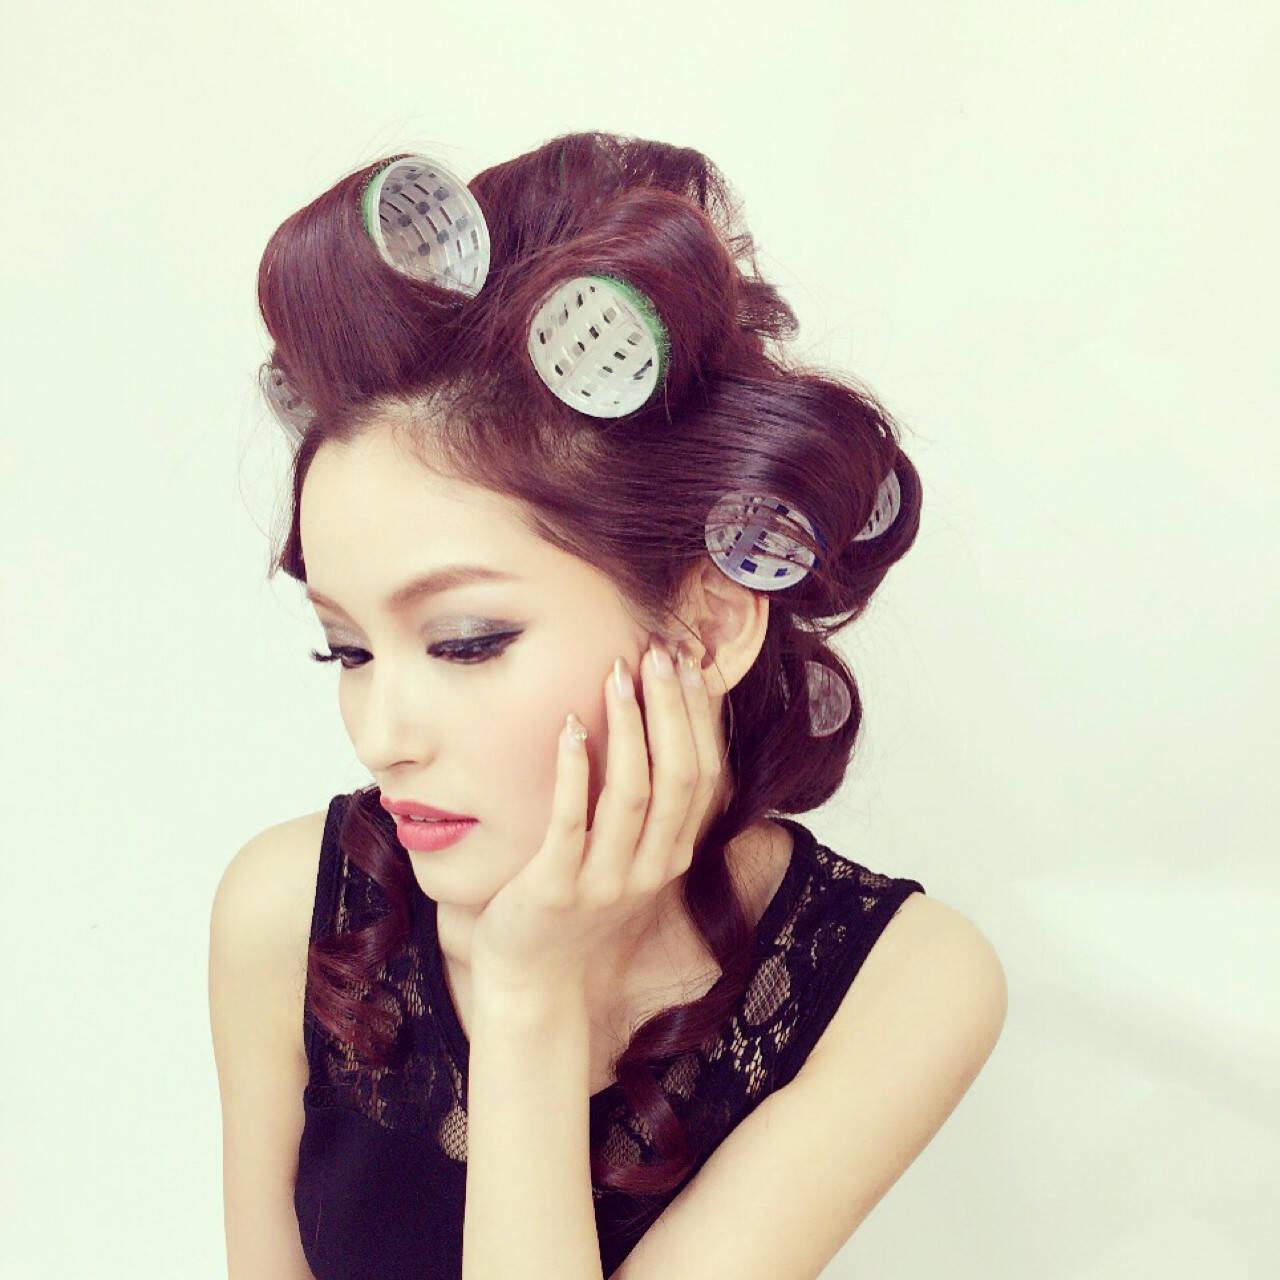 モード レッド おフェロ ヘアカーラーヘアスタイルや髪型の写真・画像